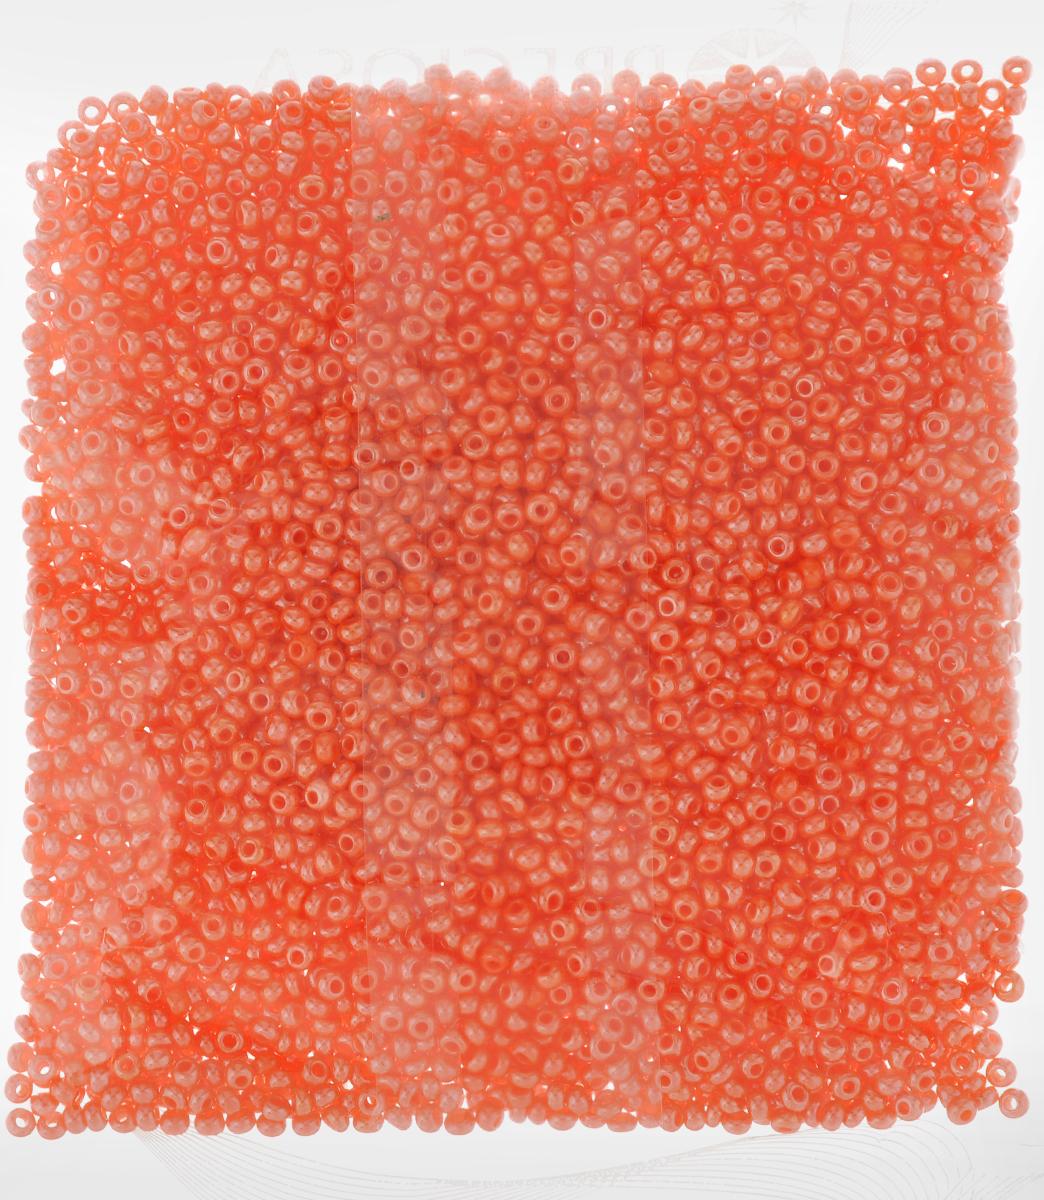 Бисер Preciosa Ассорти, непрозрачный, глянцевый, цвет: темно-оранжевый (09), 10/0, 50 г163142_09_оранжевыйБисер Preciosa Ассорти, изготовленный из стекла круглой формы, позволит вам своими руками создать оригинальные ожерелья, бусы или браслеты, а также заняться вышиванием. В бисероплетении часто используют бисер разных размеров и цветов. Он идеально подойдет для вышивания на предметах быта и женской одежде. Изготовление украшений - занимательное хобби и реализация творческих способностей рукодельницы, это возможность создания неповторимого индивидуального подарка.